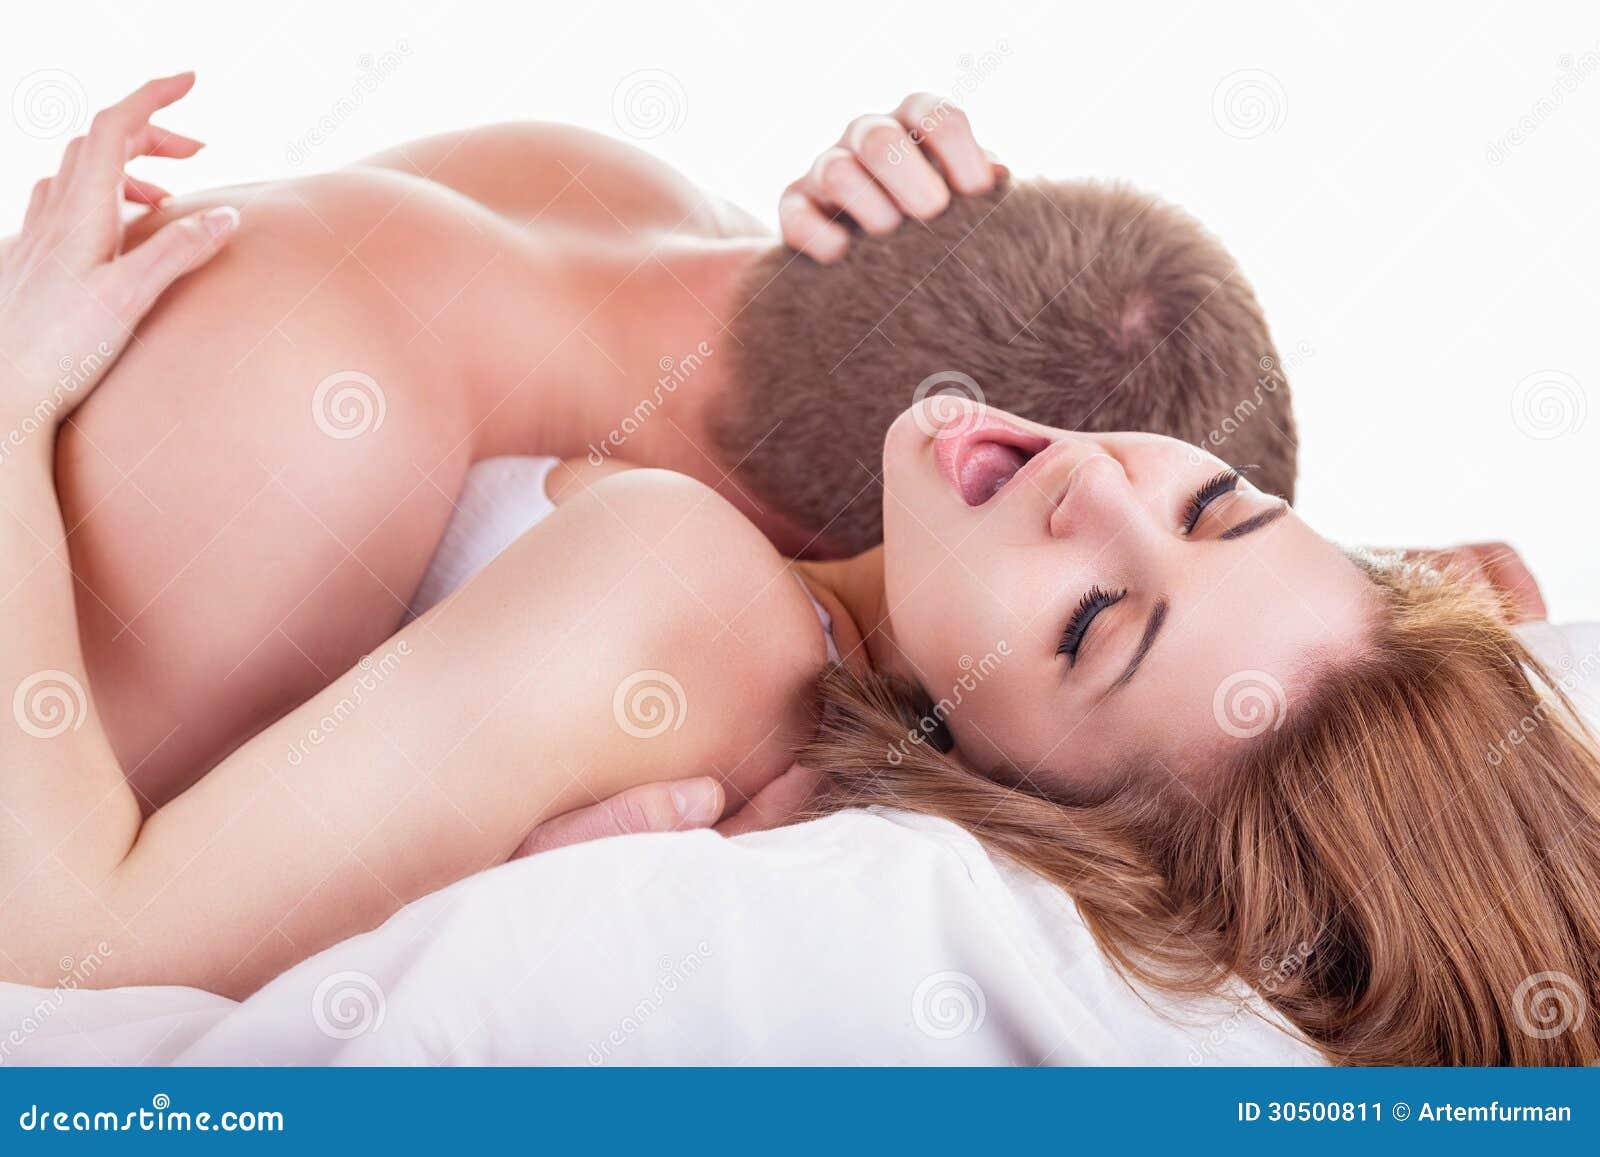 Good Girls making love to ypung men